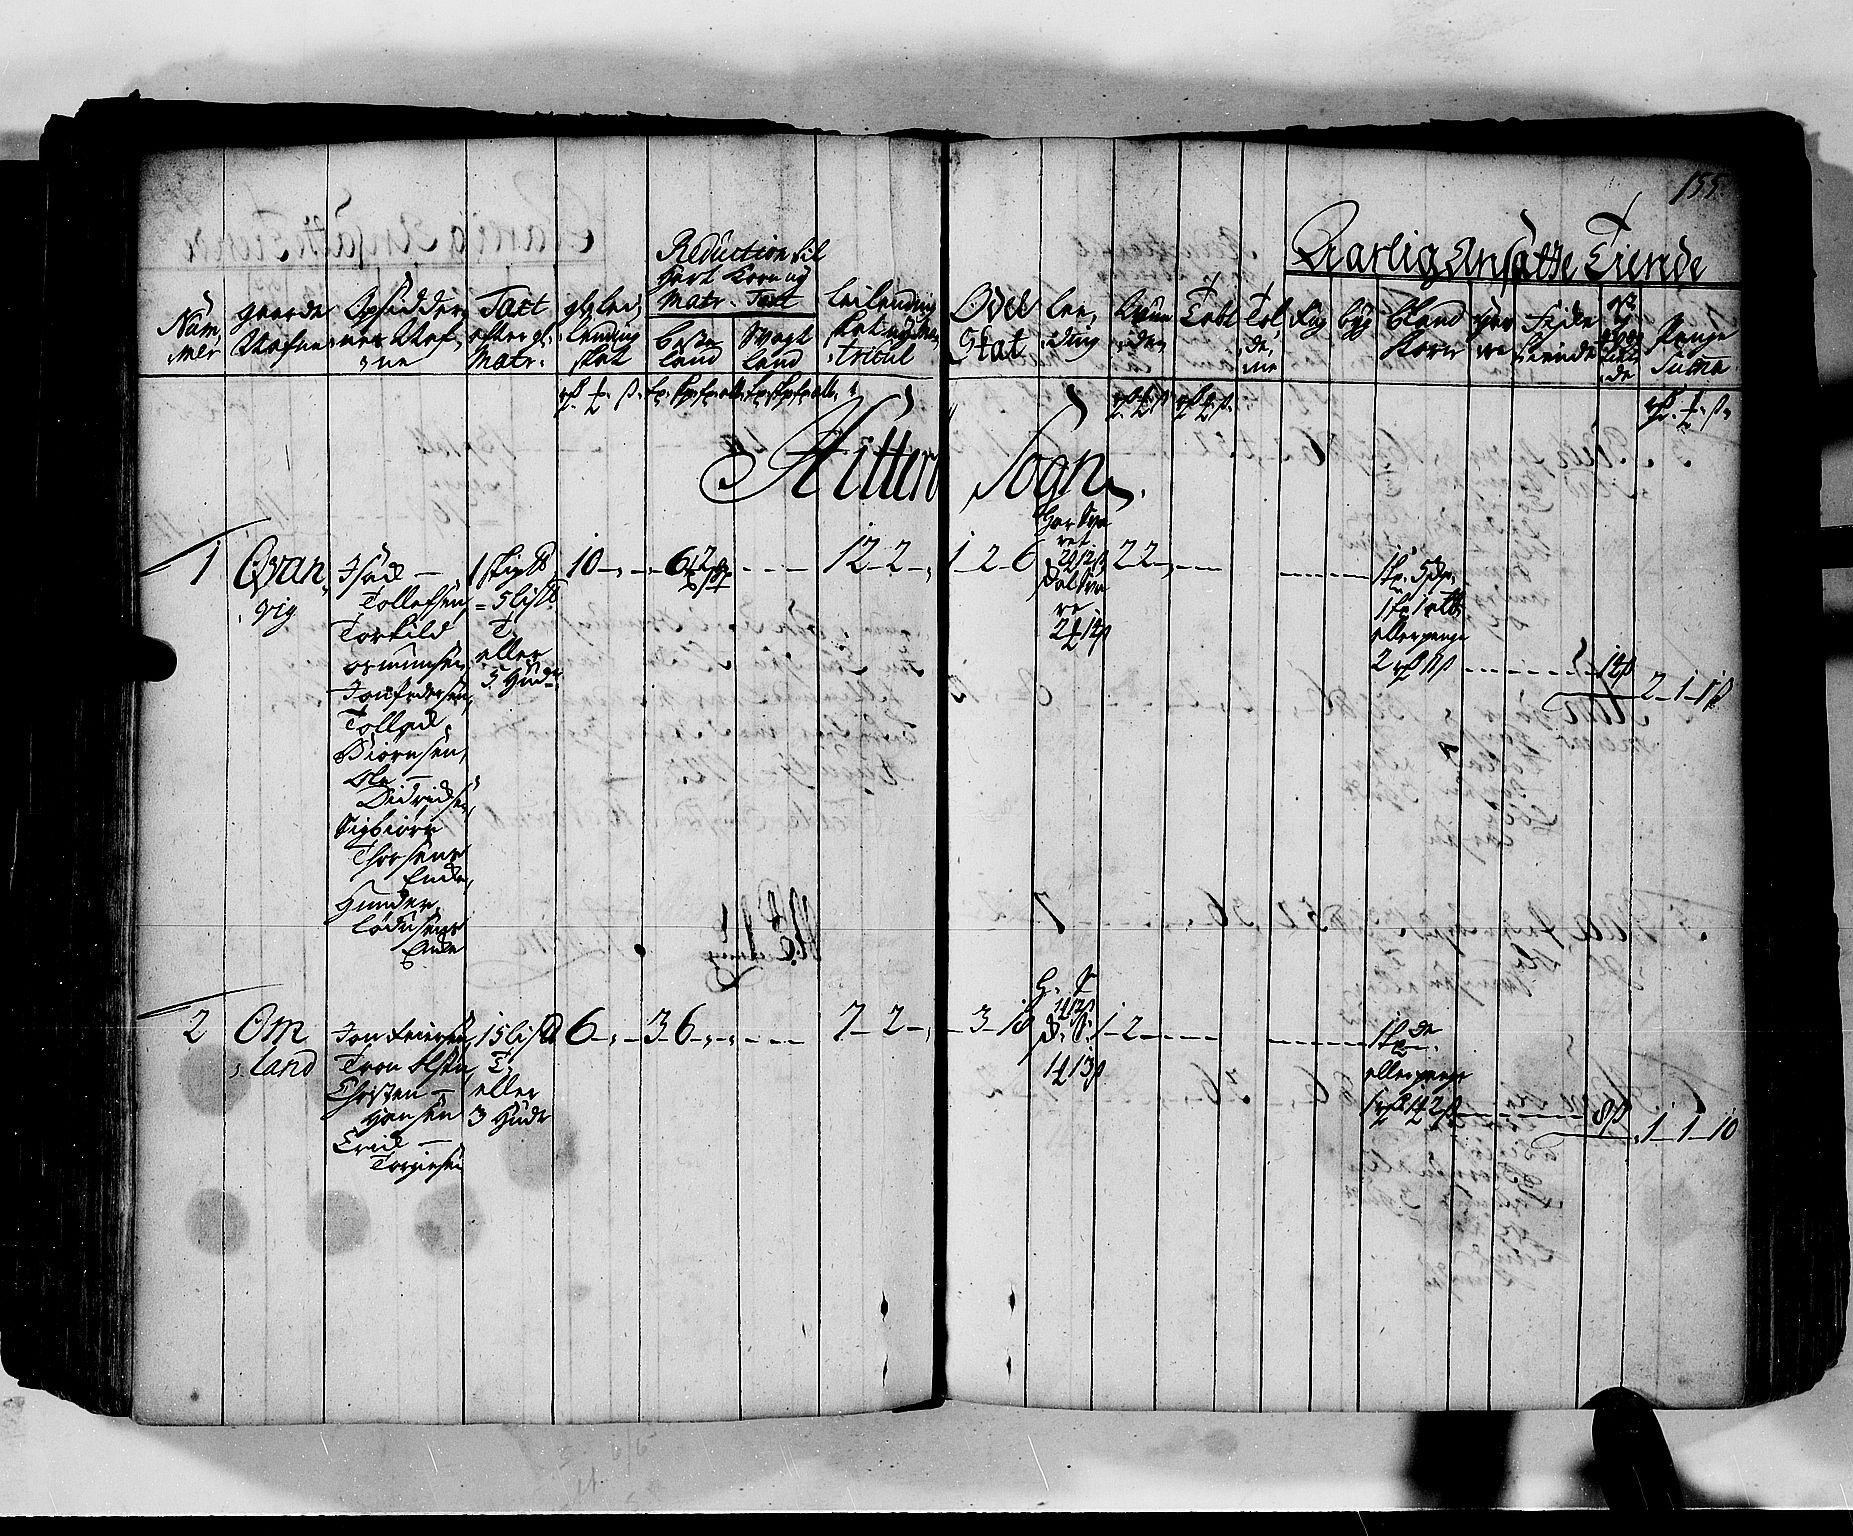 RA, Rentekammeret inntil 1814, Realistisk ordnet avdeling, N/Nb/Nbf/L0130: Lista matrikkelprotokoll, 1723, s. 154b-155a